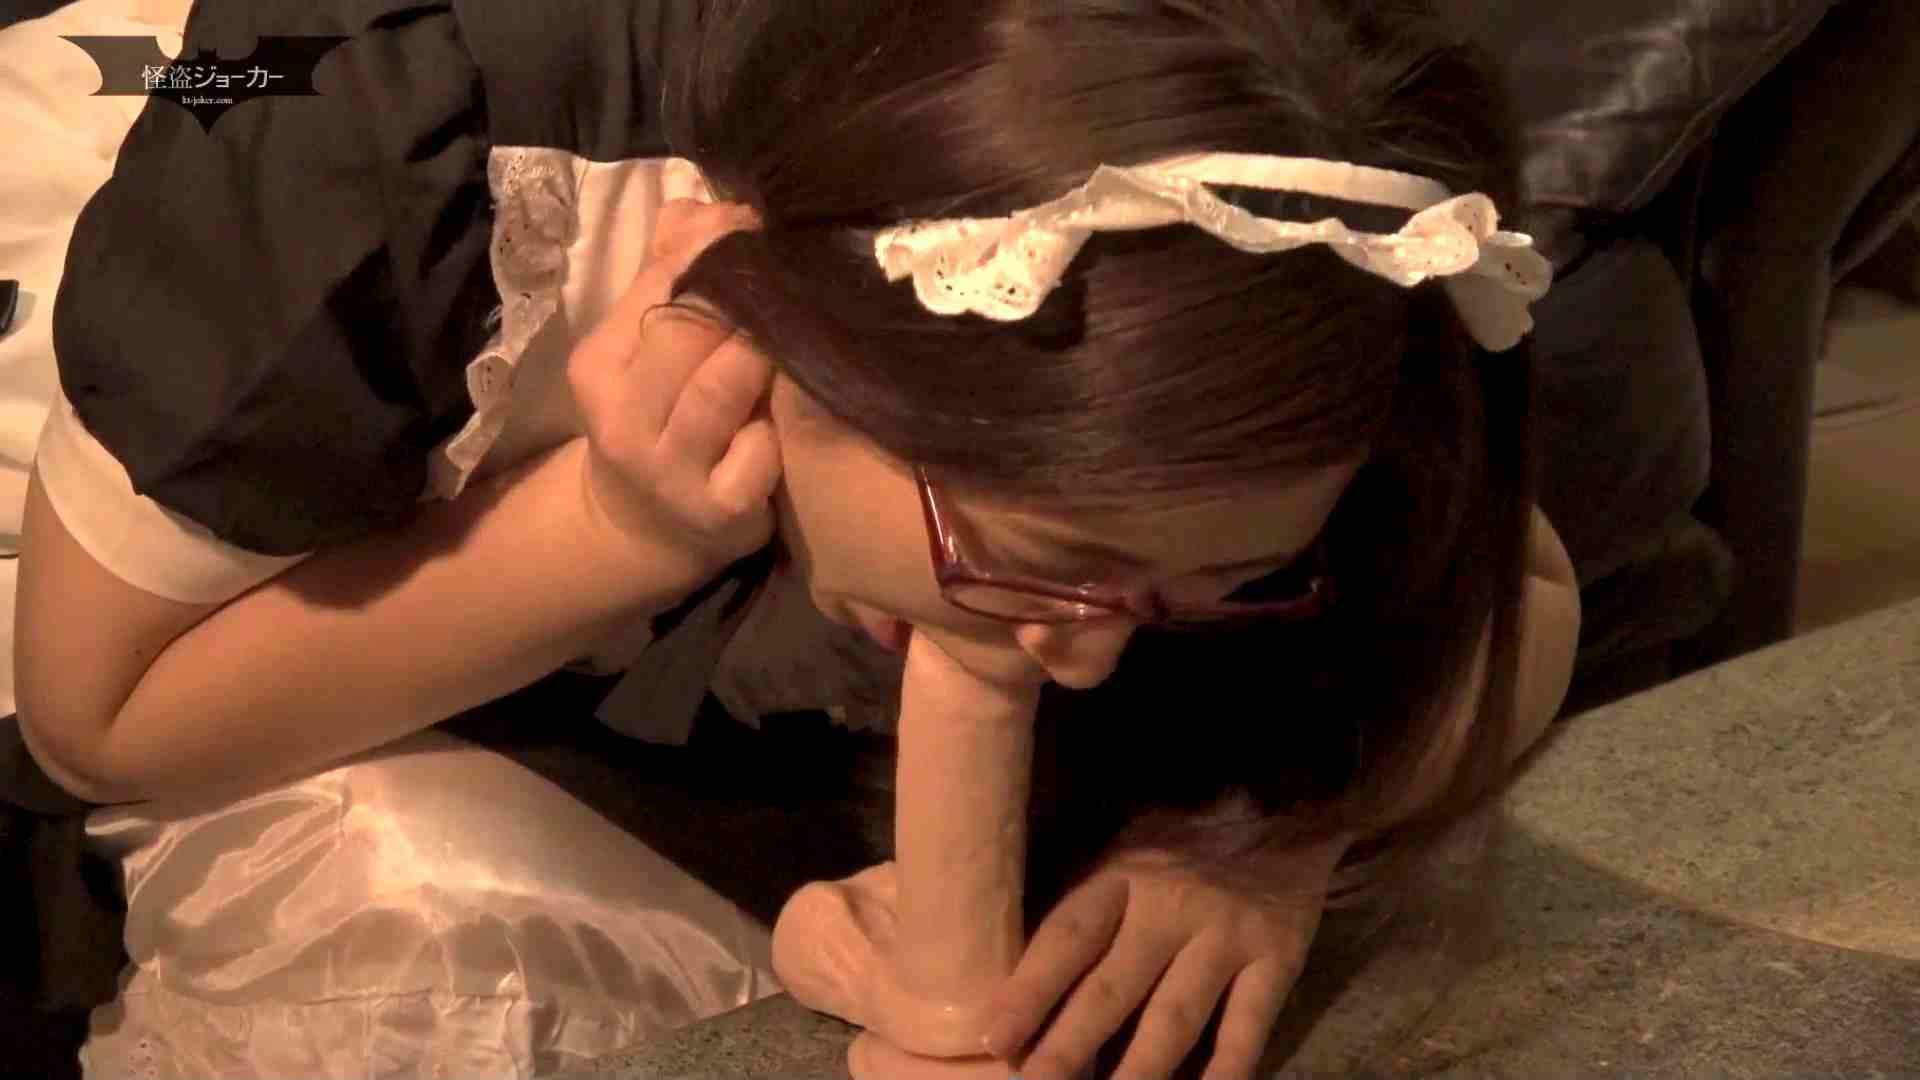 メイドさんの奴隷調教 前編 桃色乳首 われめAV動画紹介 111枚 54